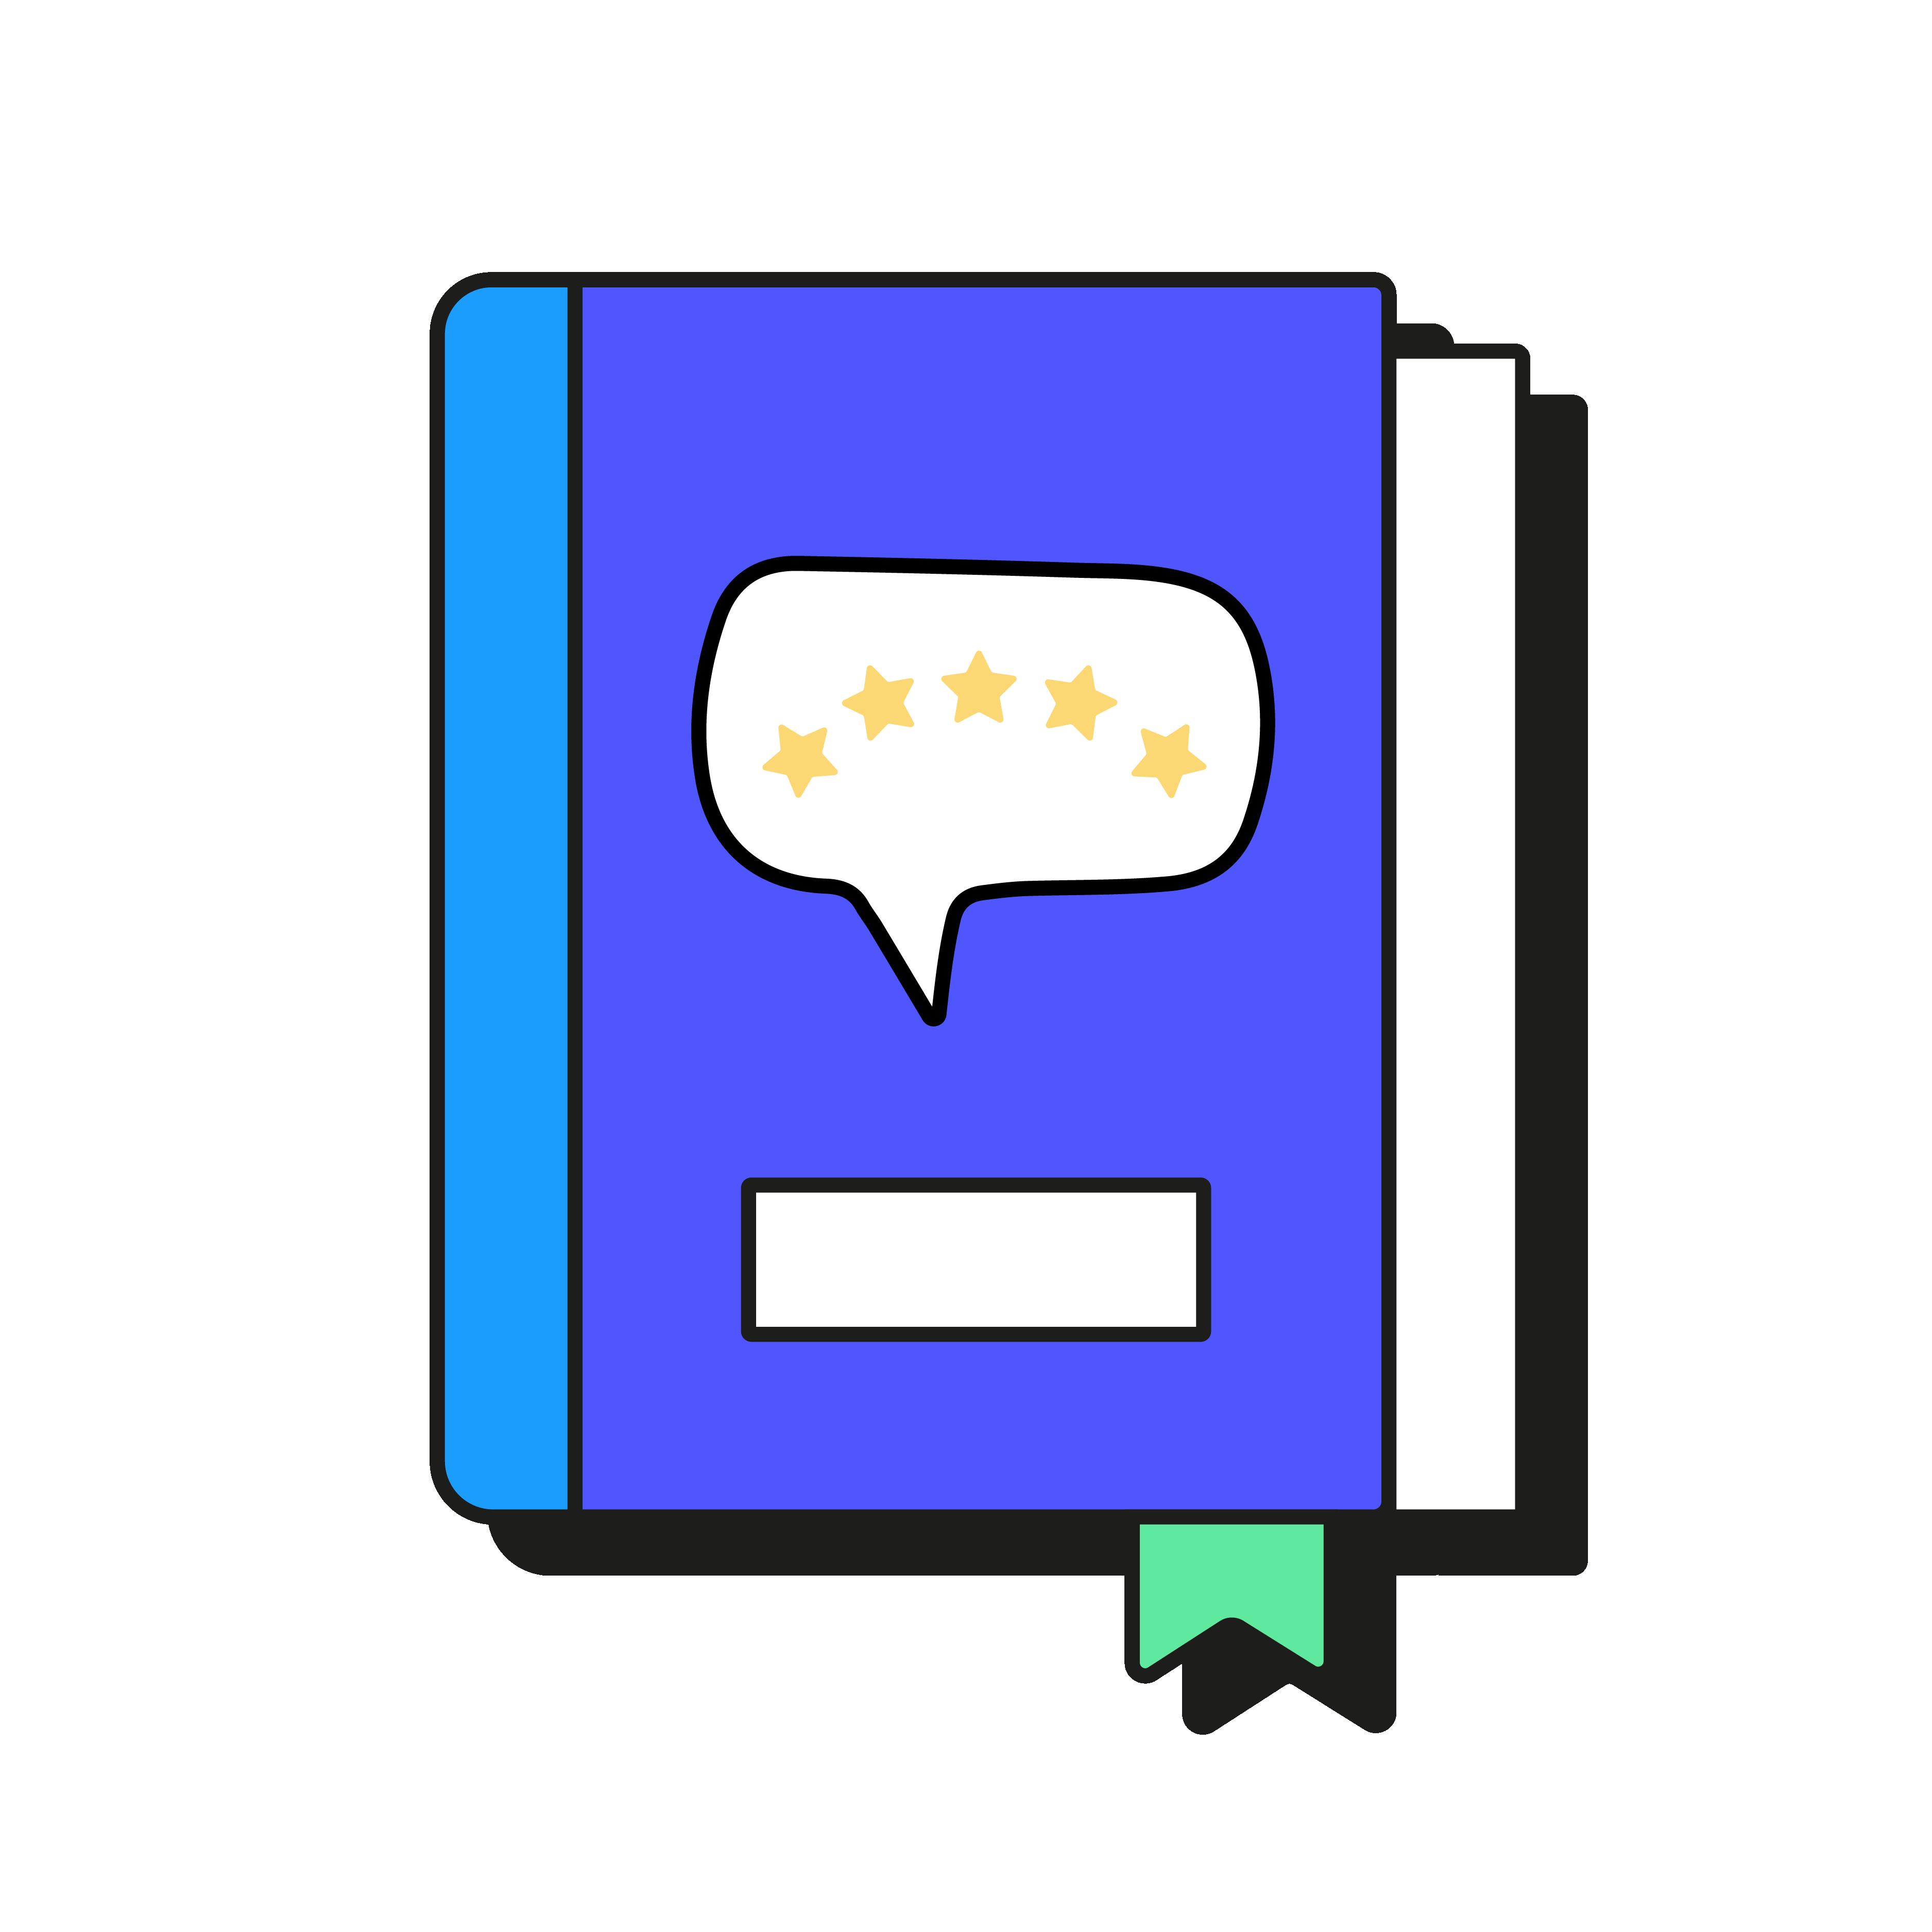 Le glossaire de la satisfaction client : 10 définitions à connaître (2/2)